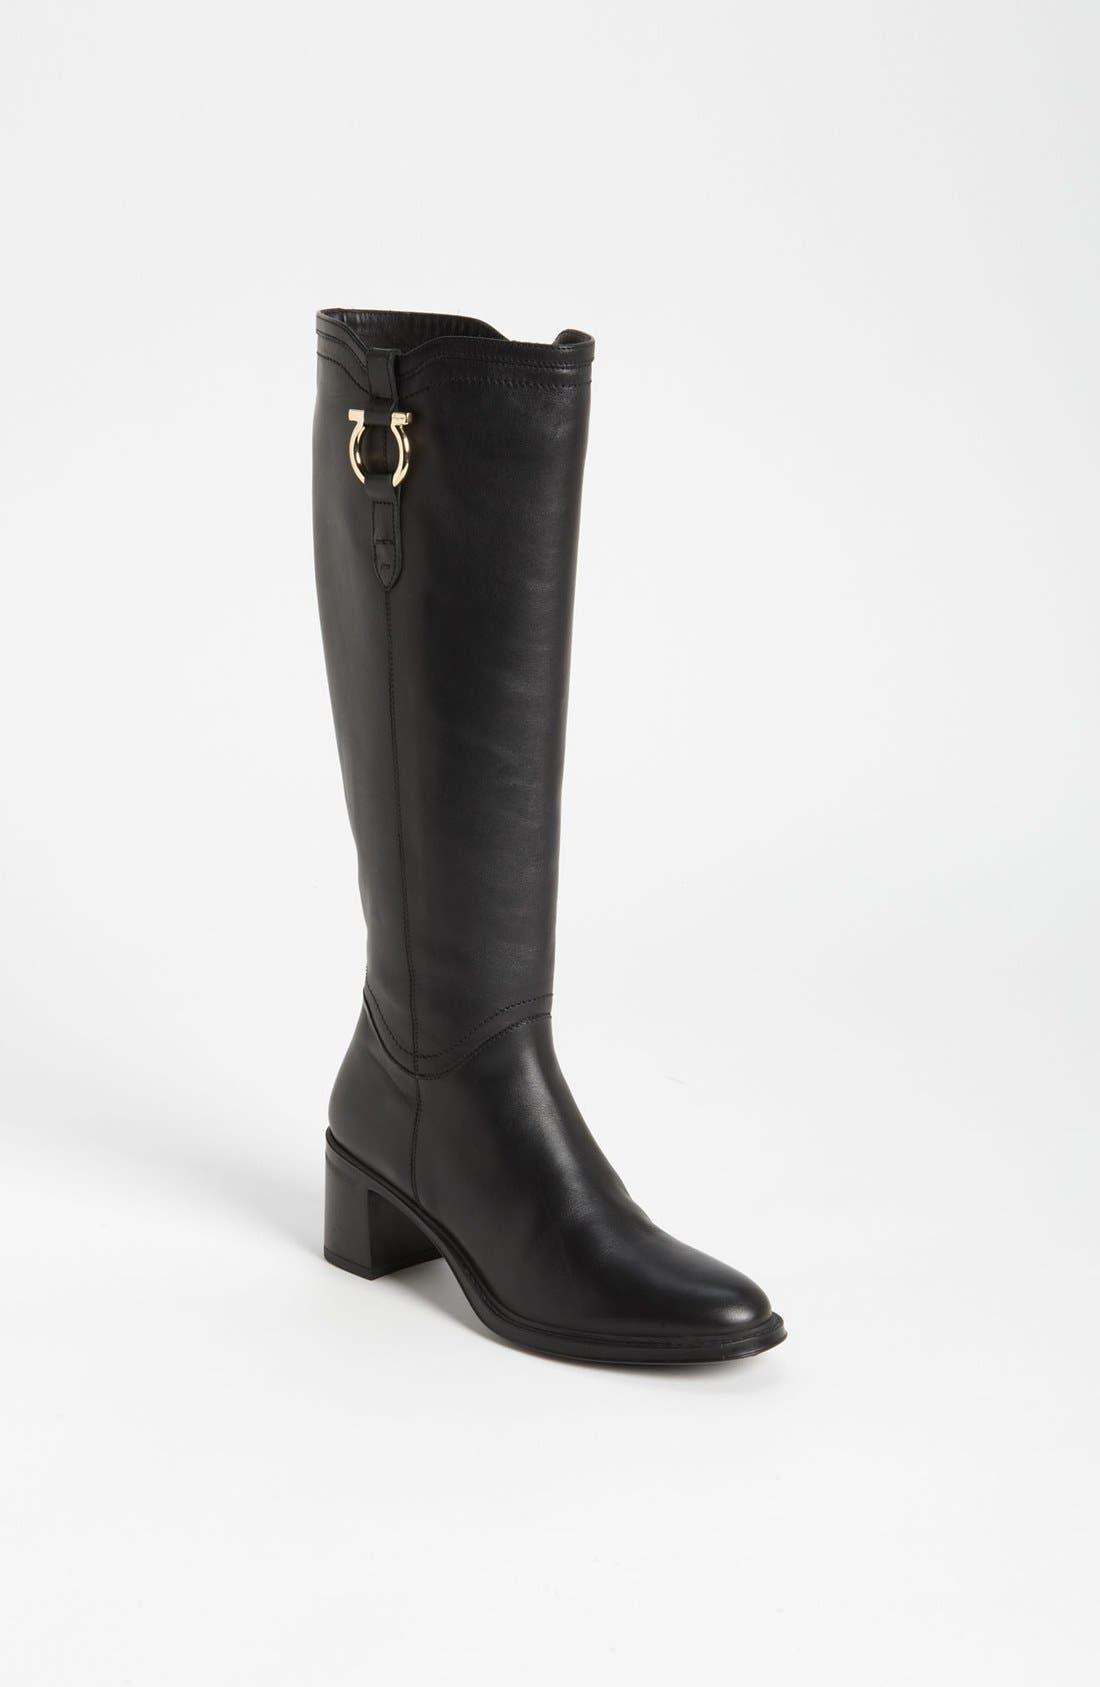 Alternate Image 1 Selected - Salvatore Ferragamo 'Fersea' Leather Boot